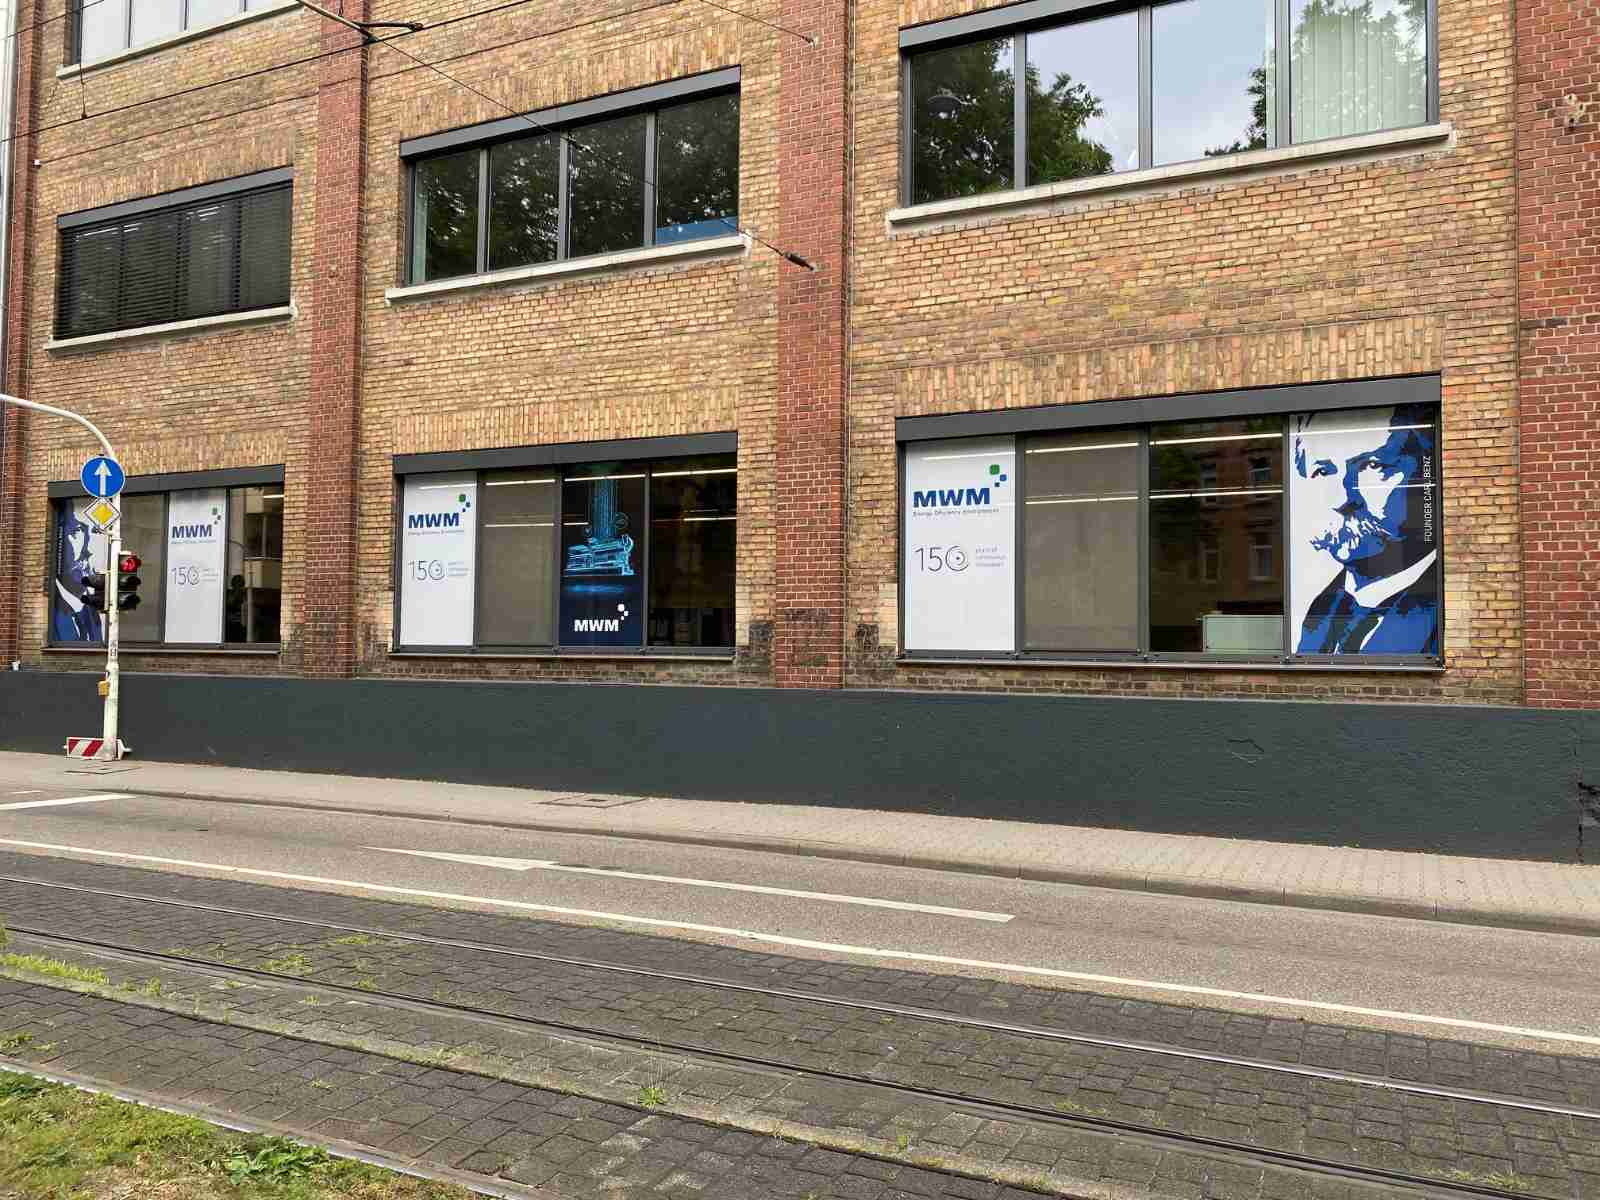 Plakatierte Fenster an der Waldhofstraße